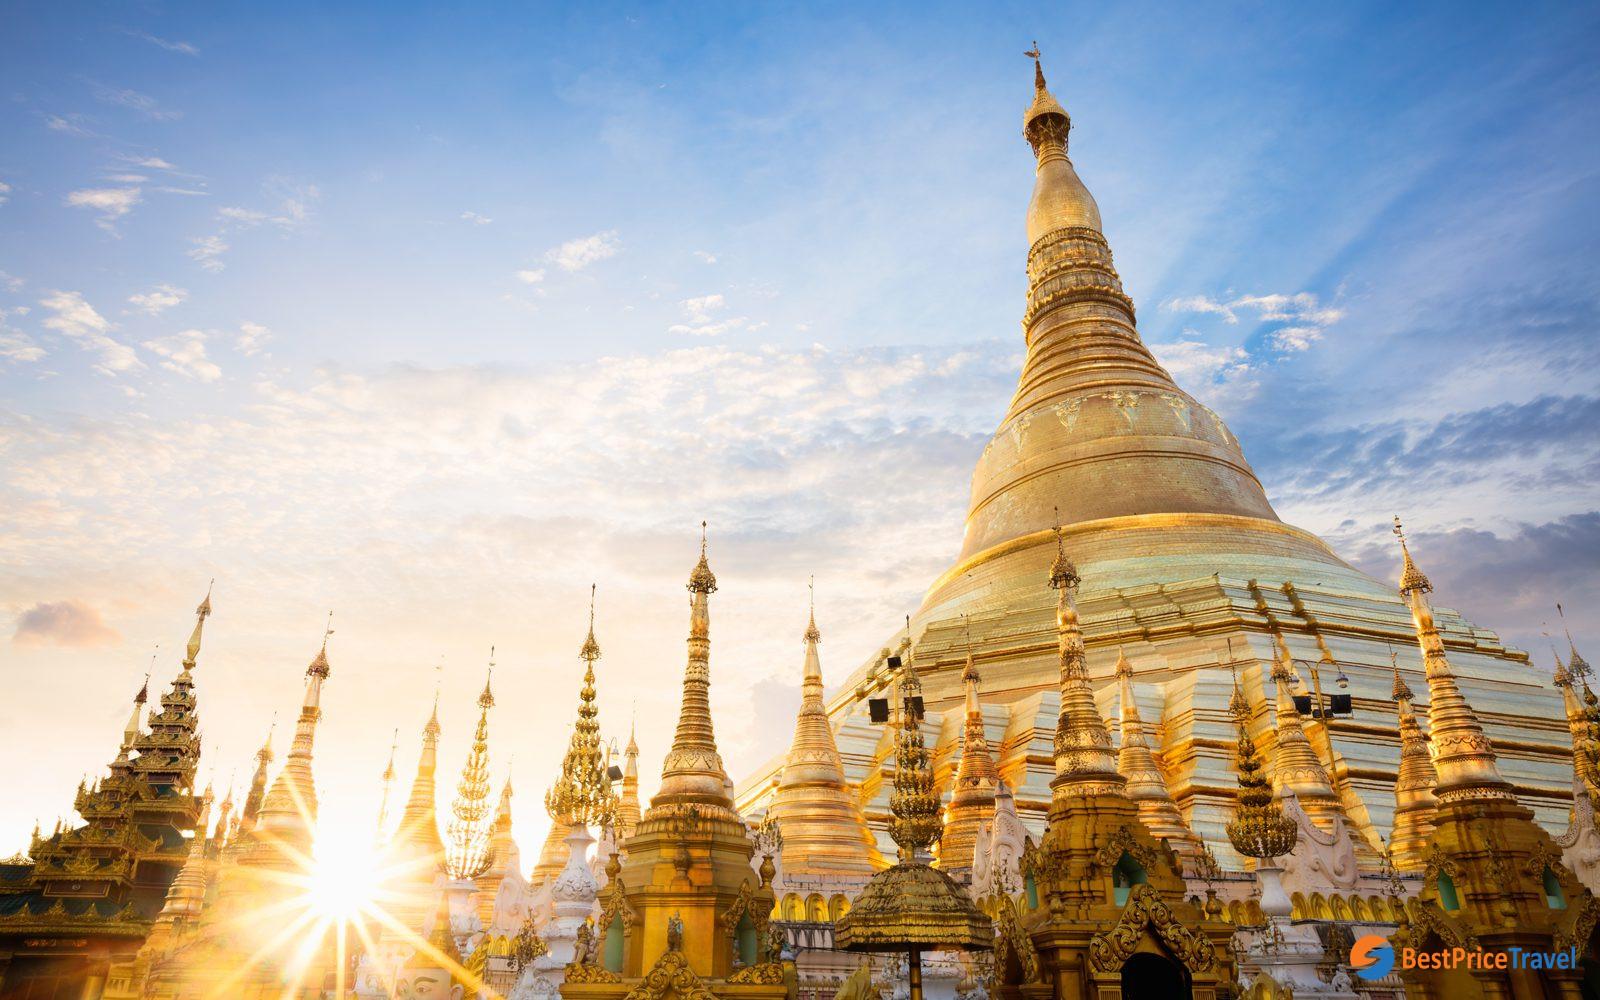 Visit Shwedagon Pagoda in Yangon